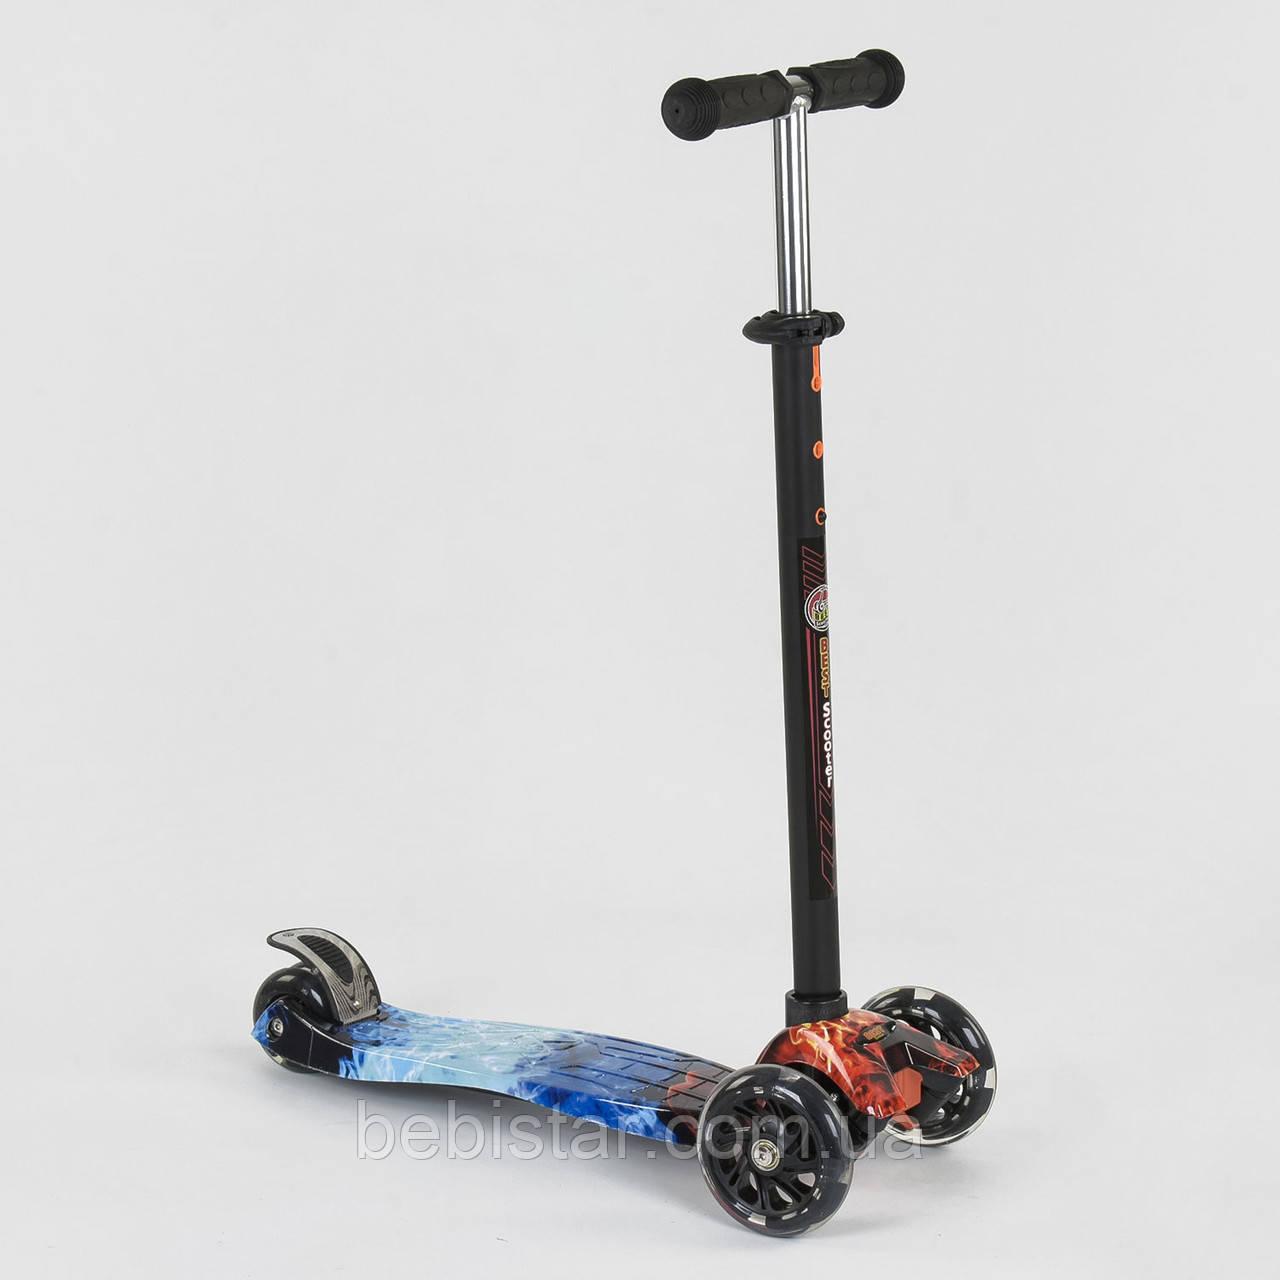 Самокат детский пламя огненное MAXI Best Scoote со светящимися черными колесами от 3 лет